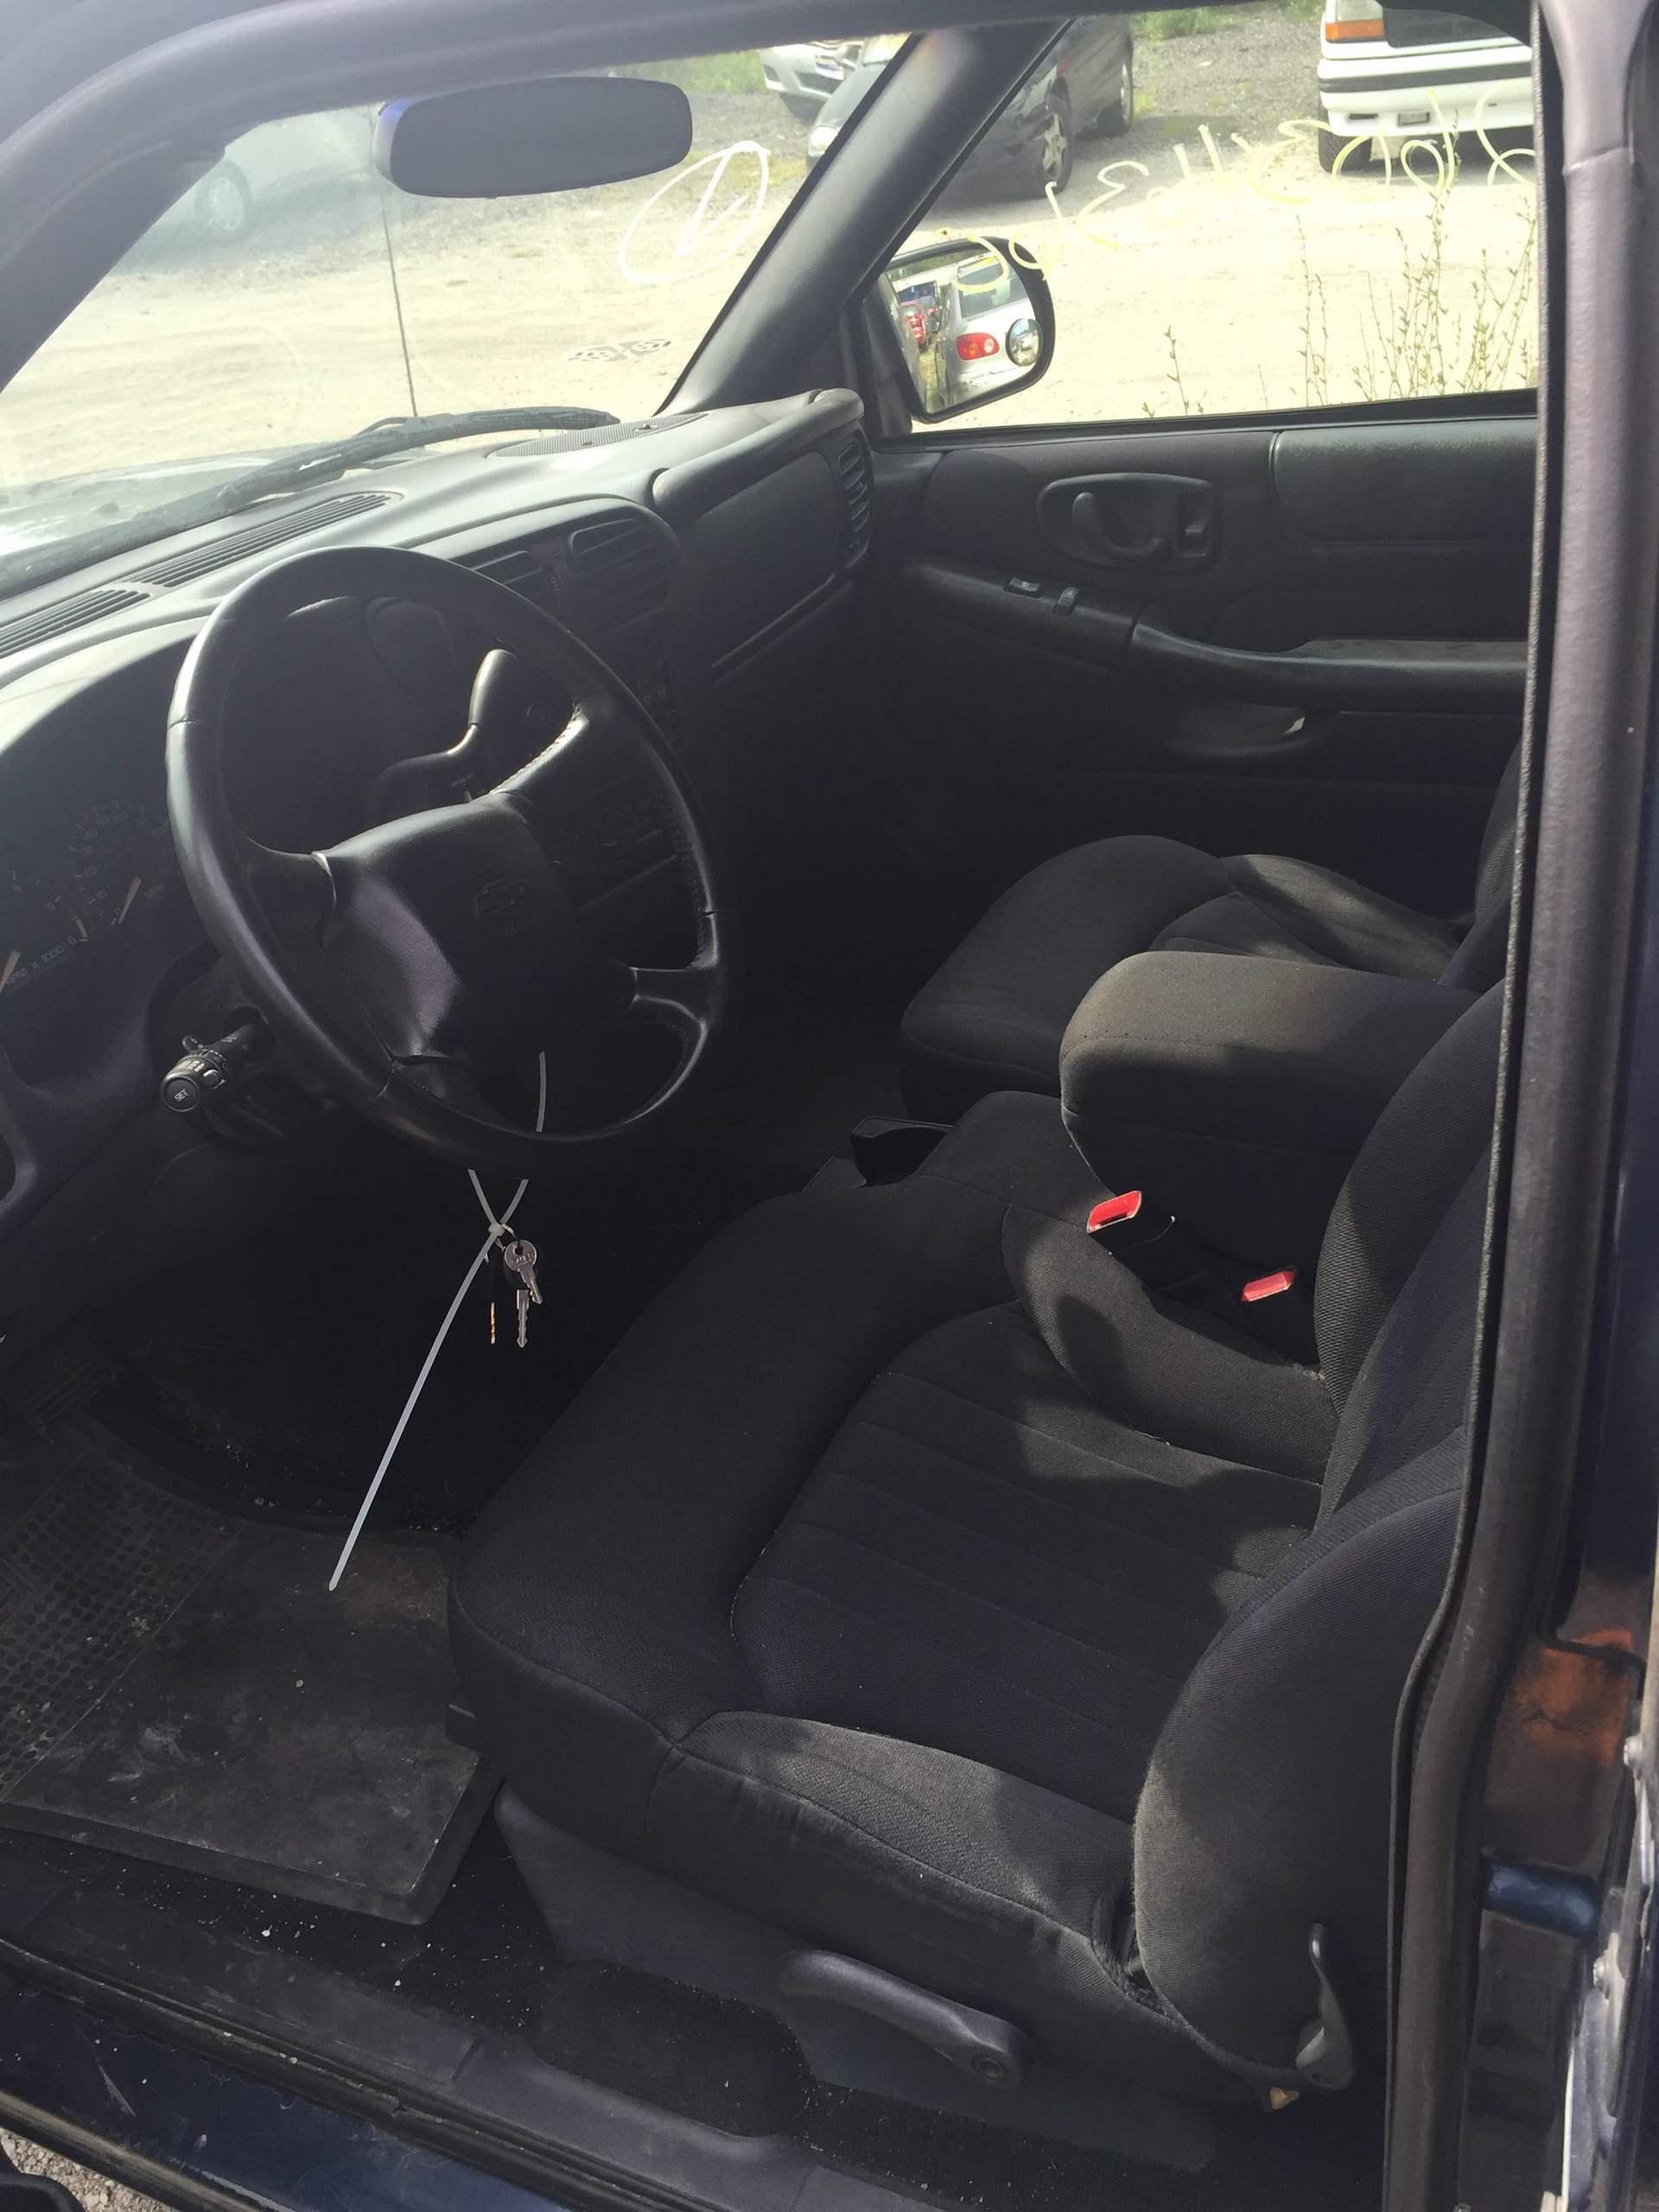 Crashed Car Steering